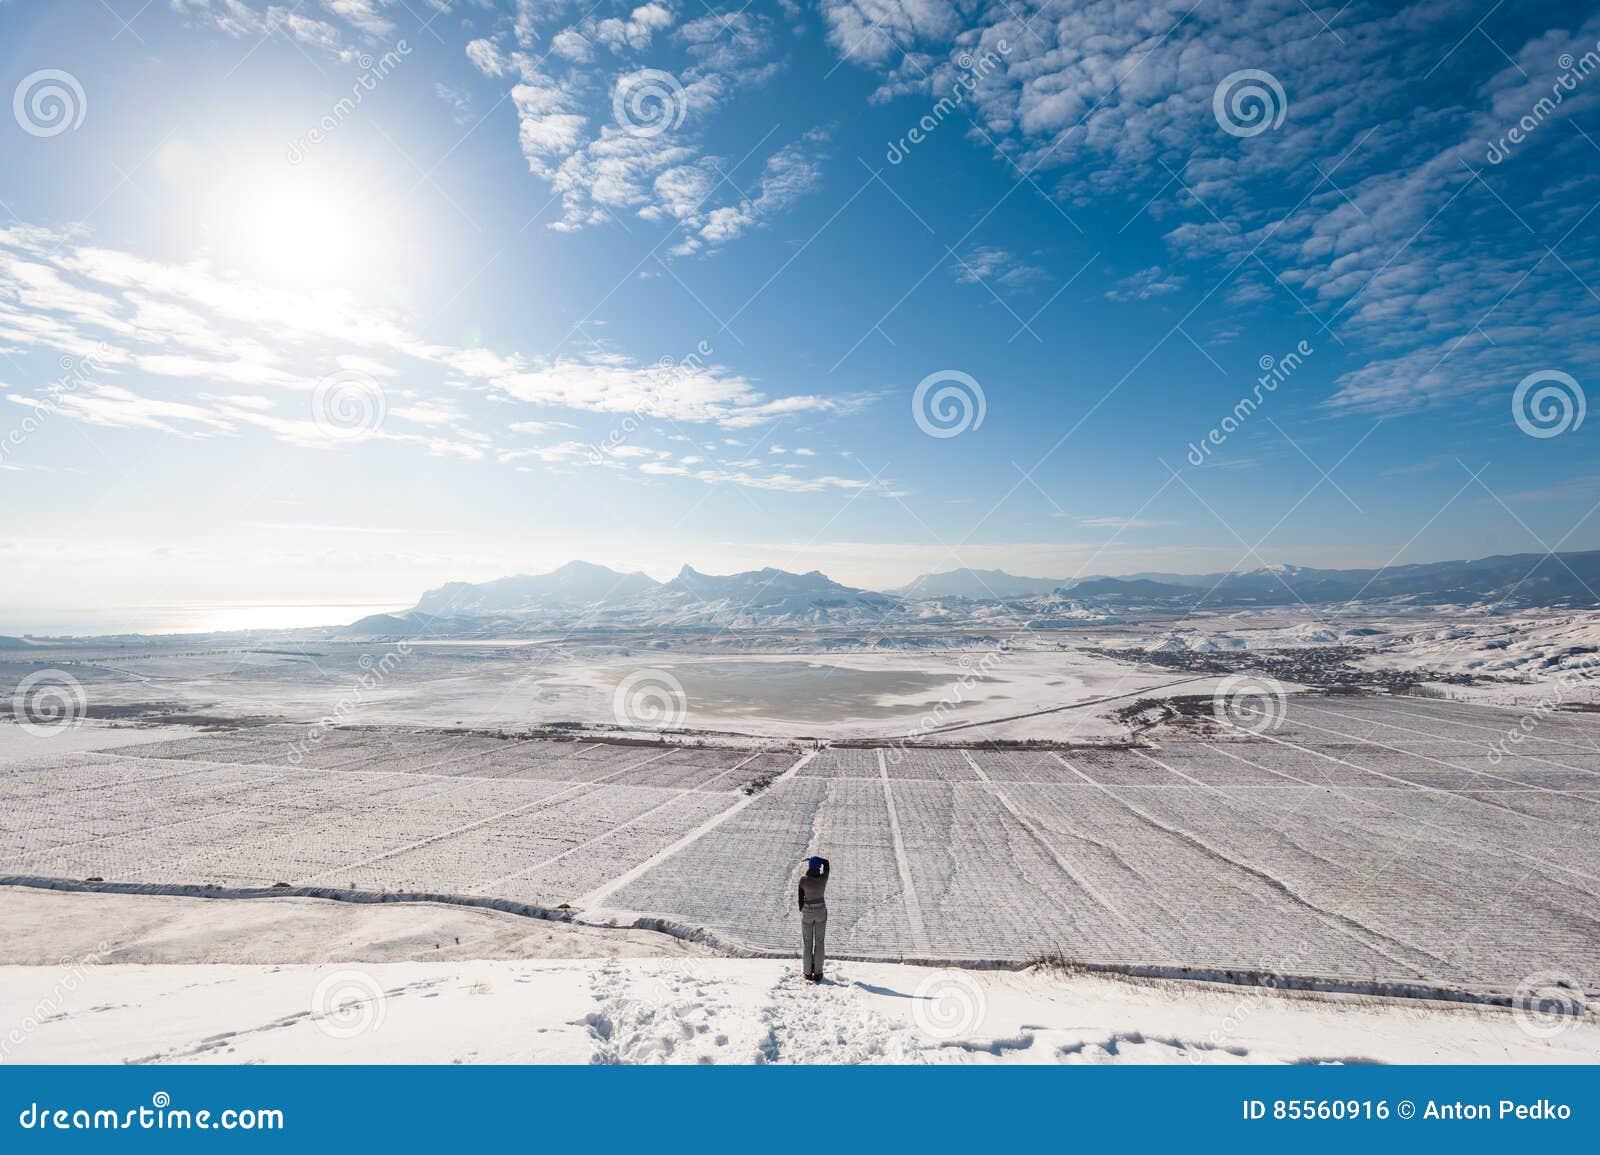 Mädchen auf der schneebedeckten Steigung mit Bergen und das Meer auf Hintergrund